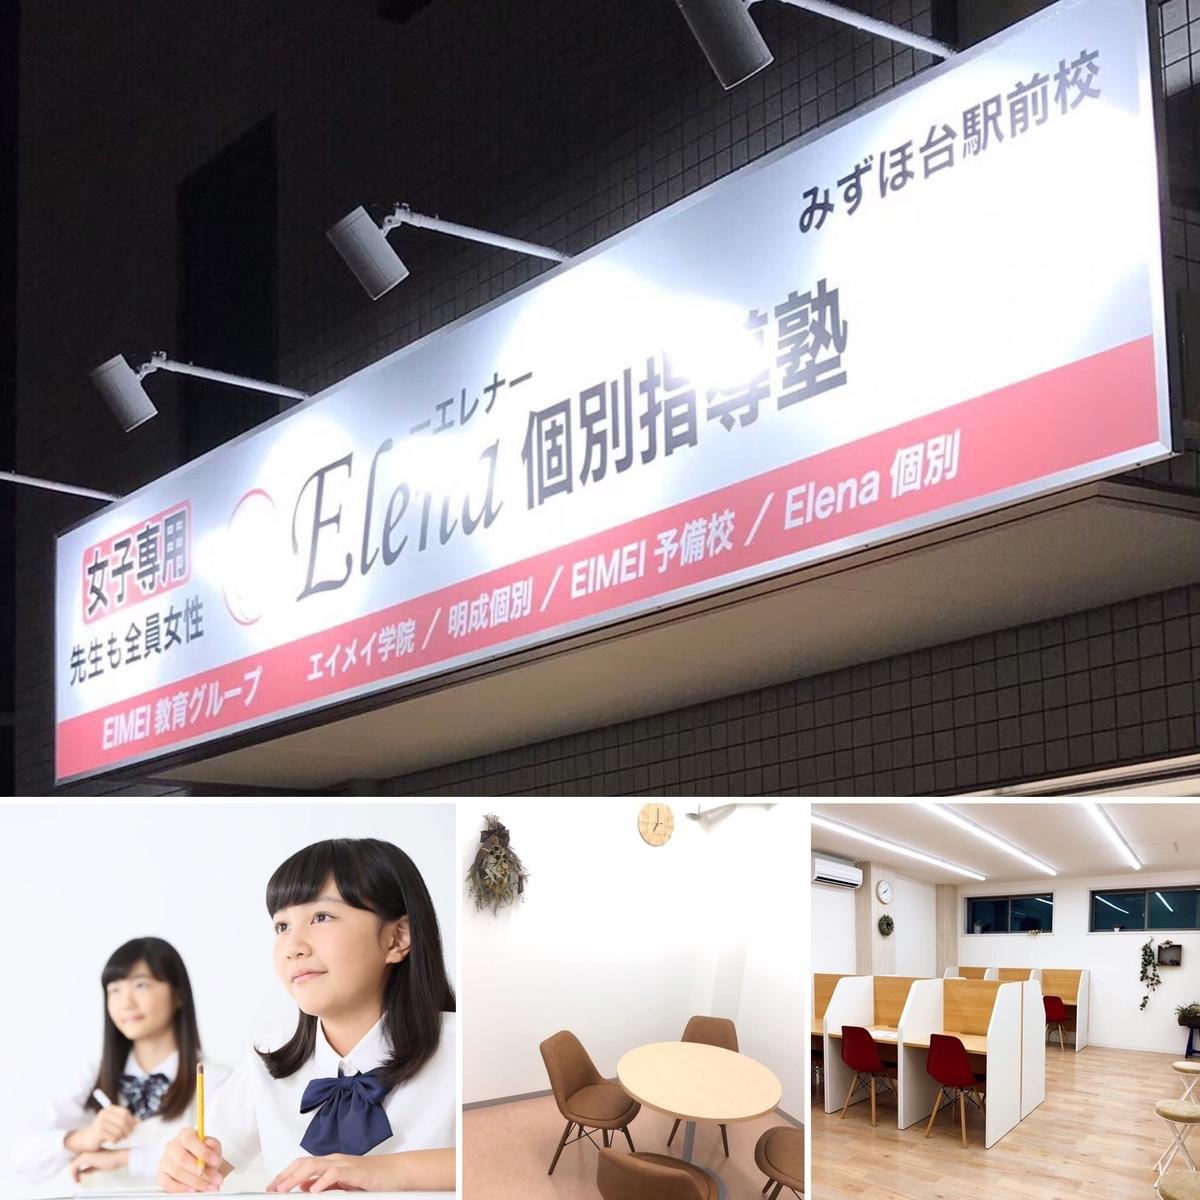 f:id:hirokikawakami:20191003155302j:plain